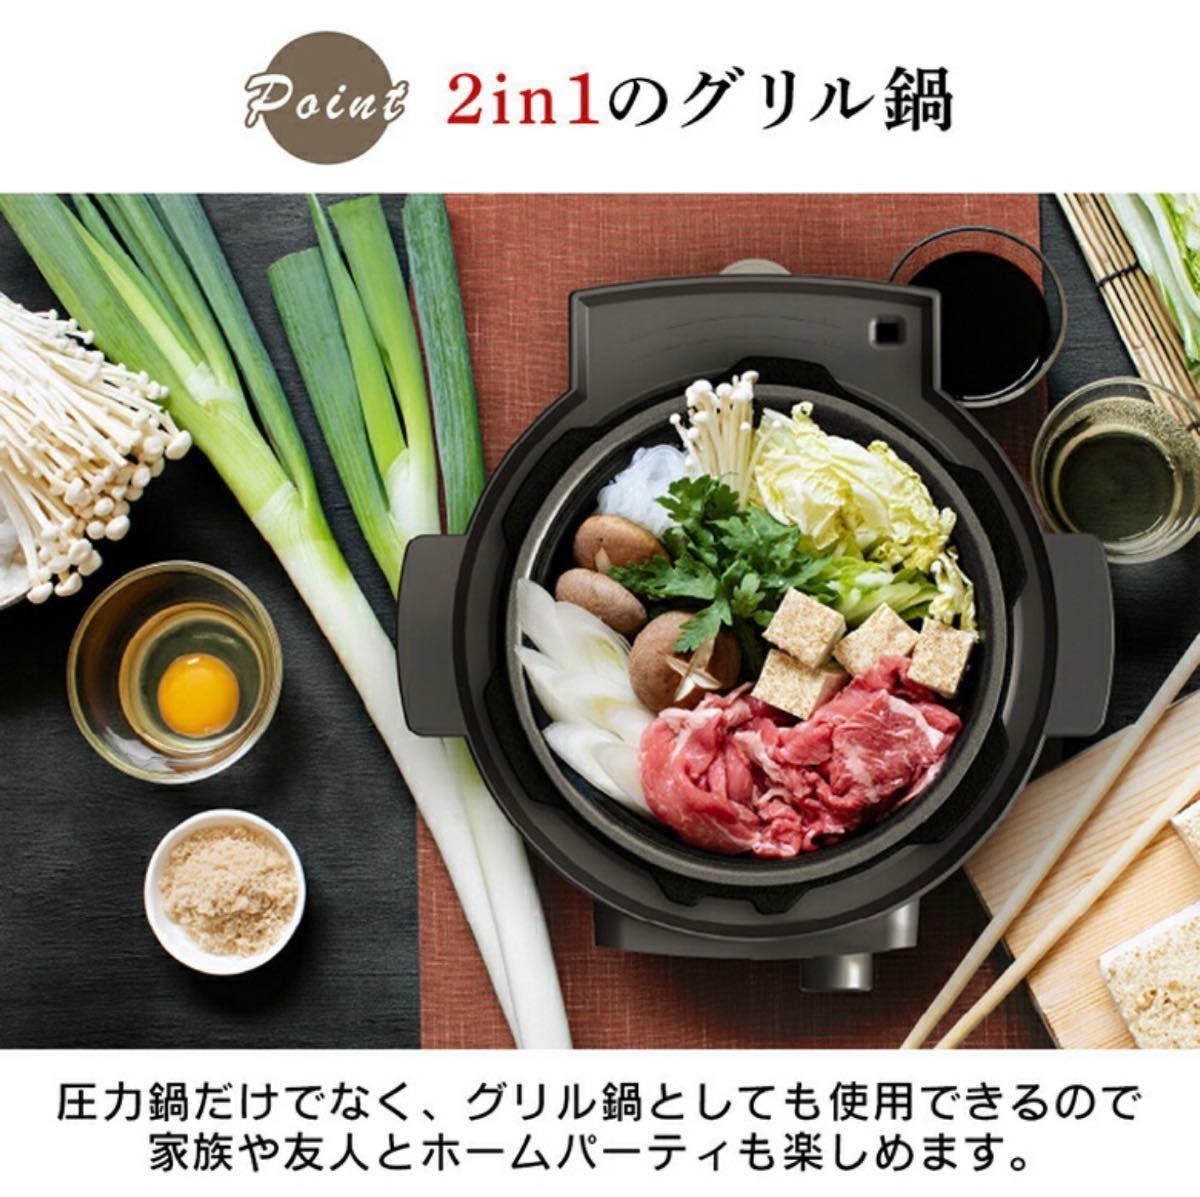 アイリスオーヤマ 圧力鍋 2.2L 低温調理器 炊飯器 3合 KPC-MA2-B